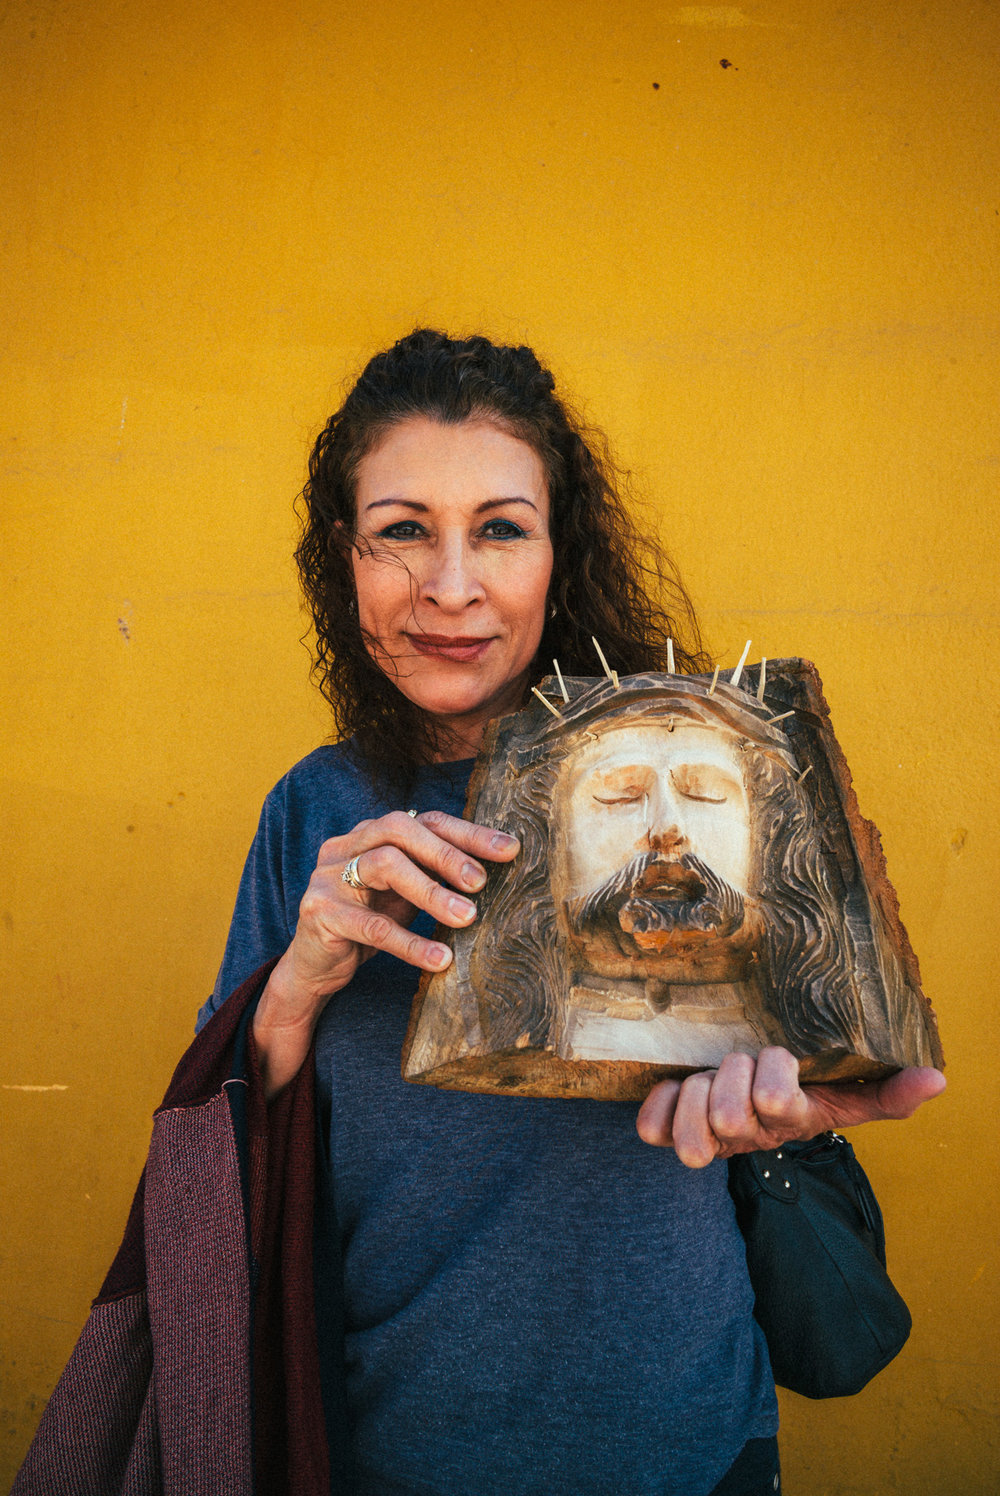 Frau mit Jesus Figur.jpg